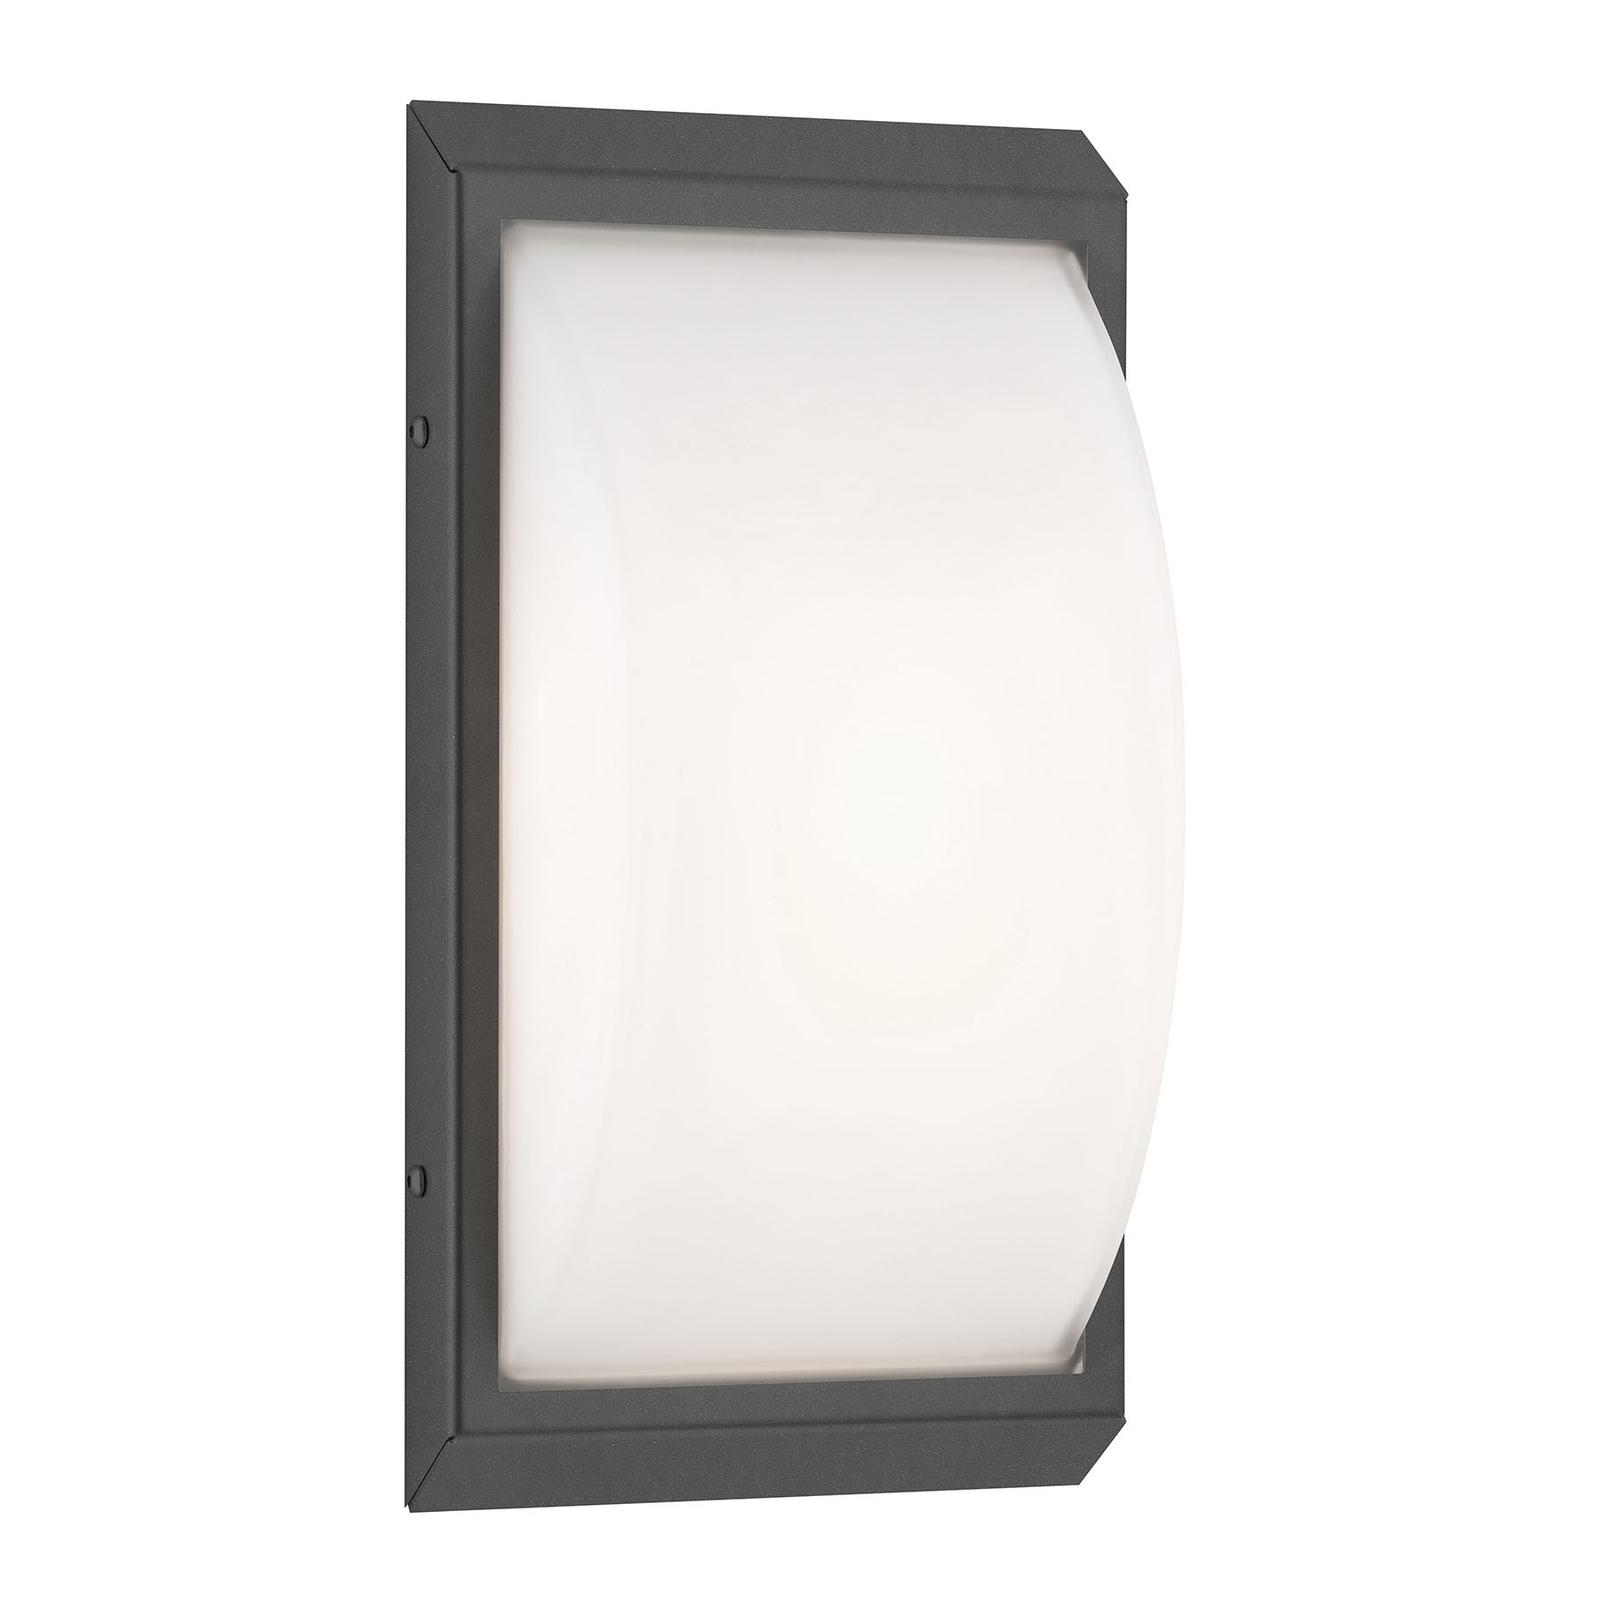 Kinkiet zewnętrzny LED 053, czujnik, grafitowy